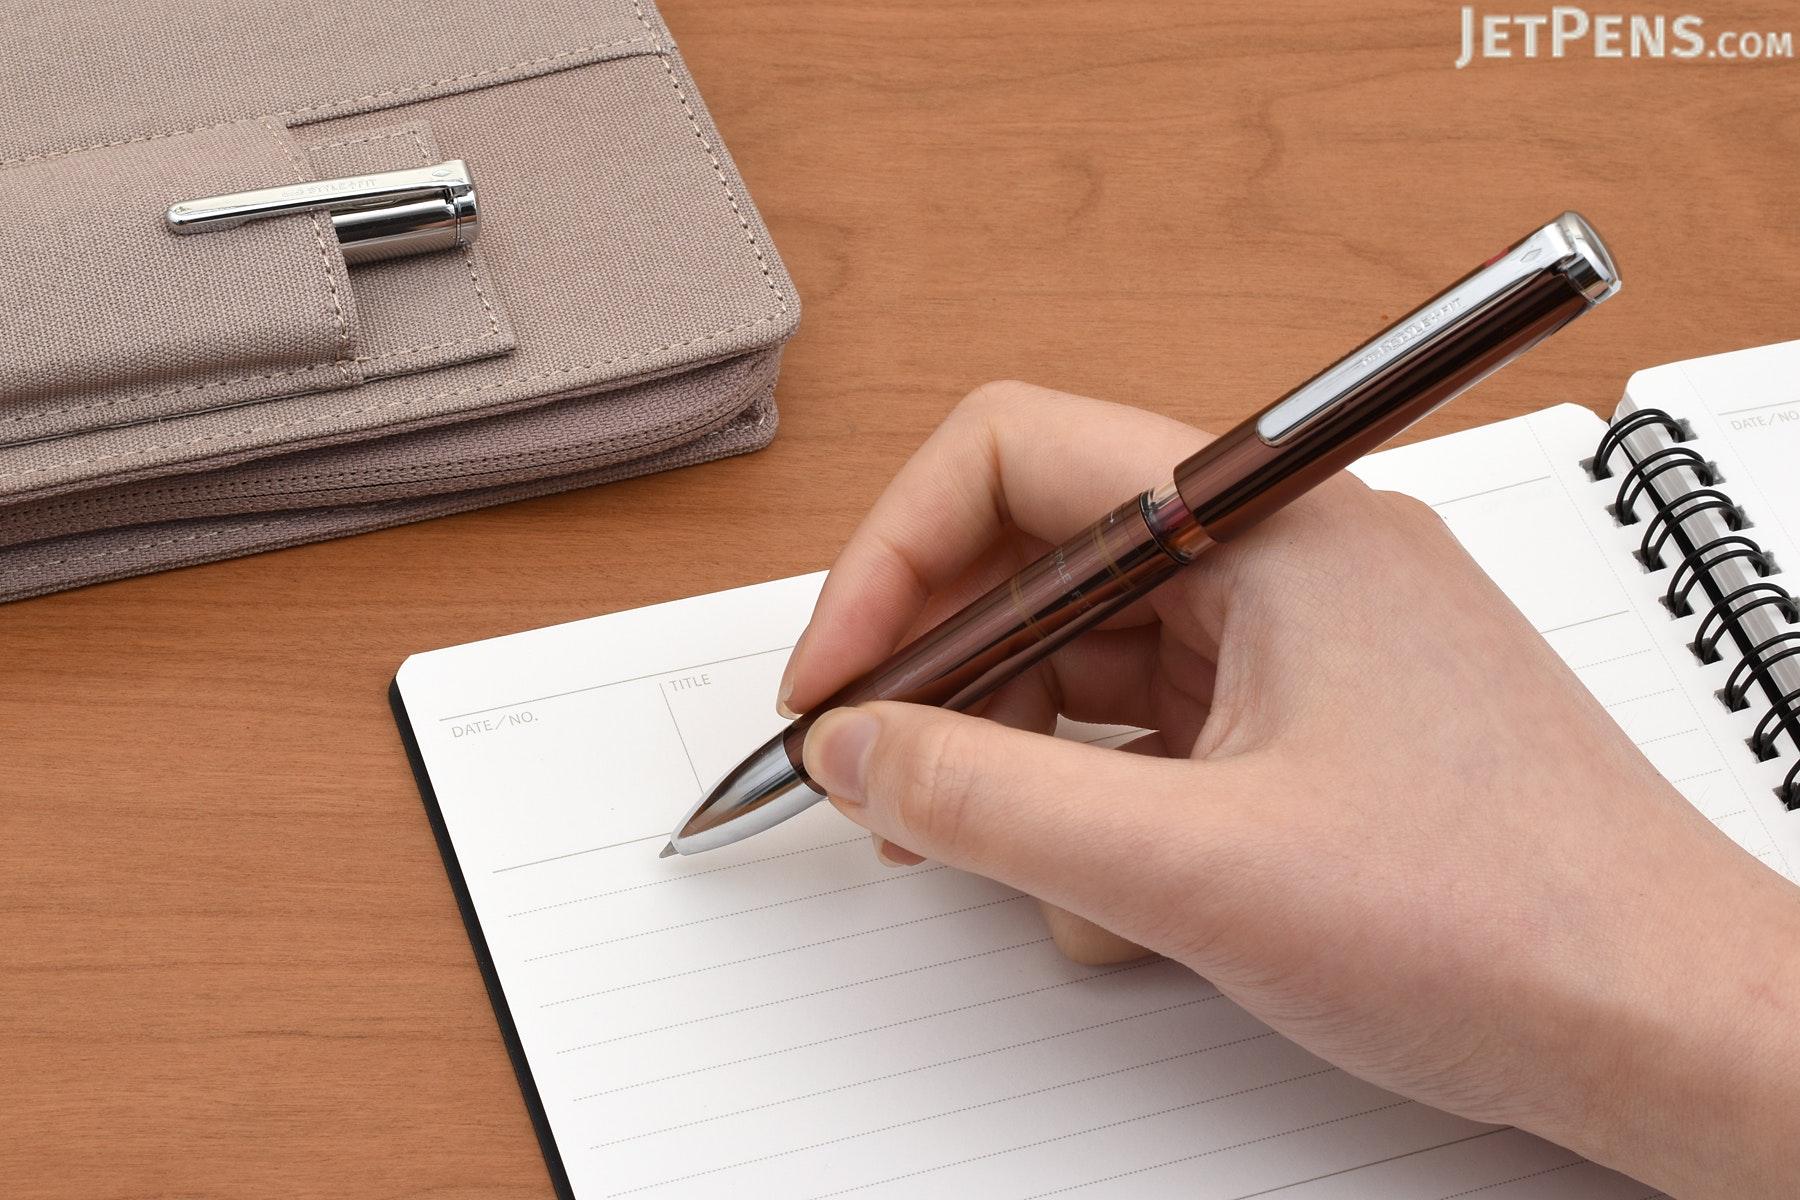 Uni Style Fit Meister 3 Color Multi Pen Body Component - Mint Green - UNI UE3H1008.31